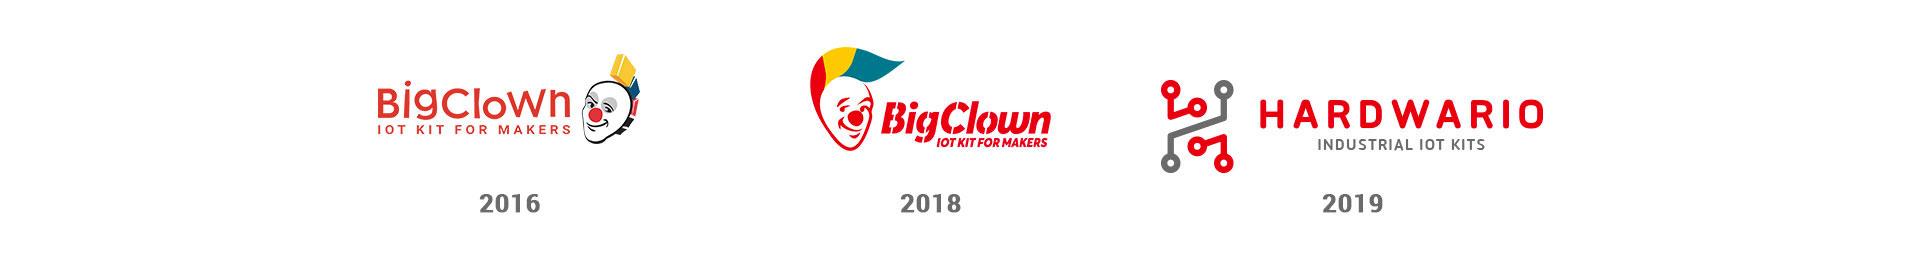 Stavebnice BigClown mění svůj název na HARDWARIO